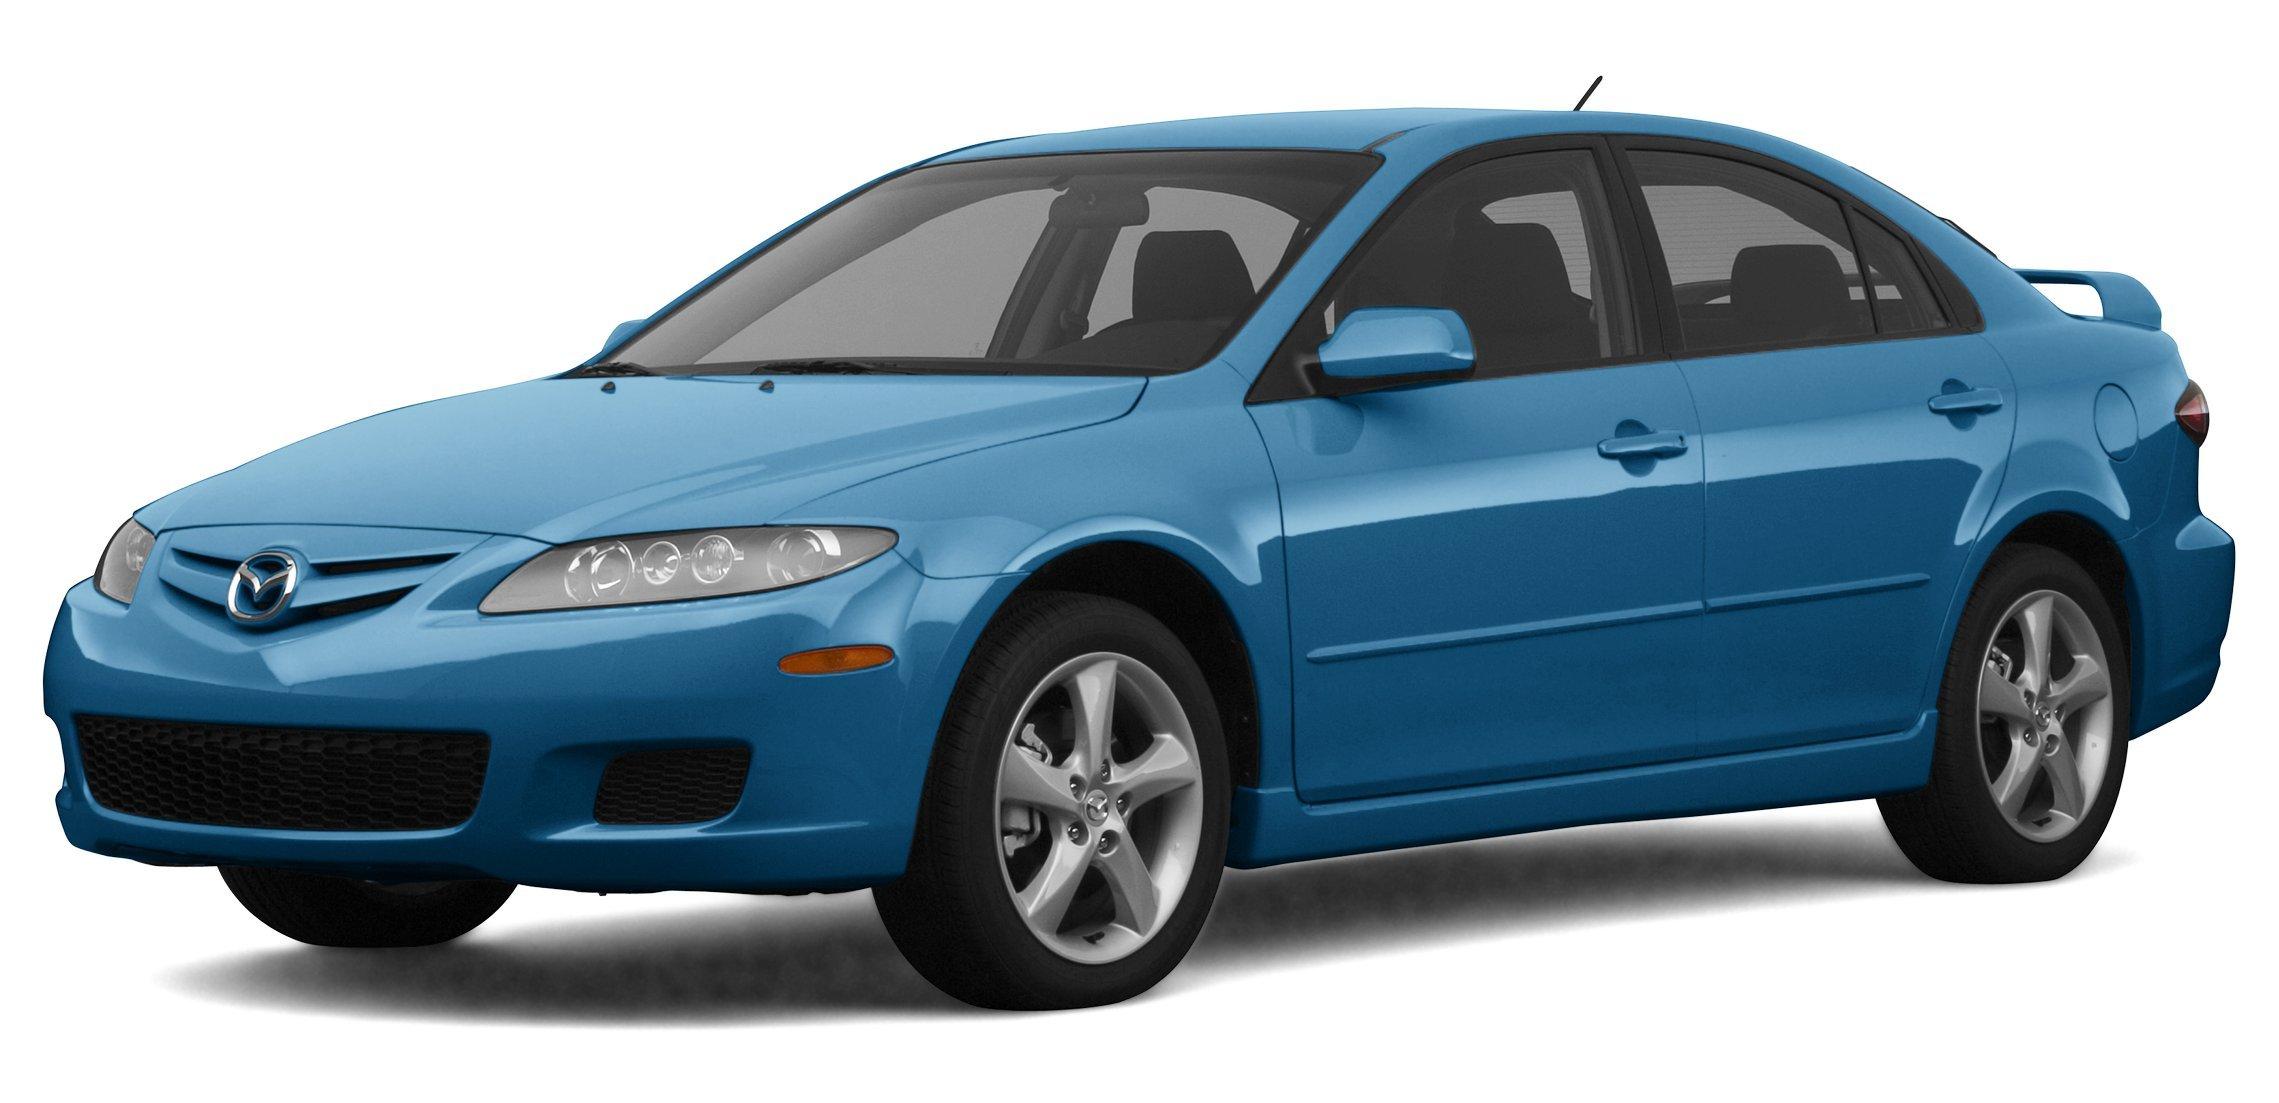 2007 mazda 6 i sport ve 5 door hatchback automatic transmission